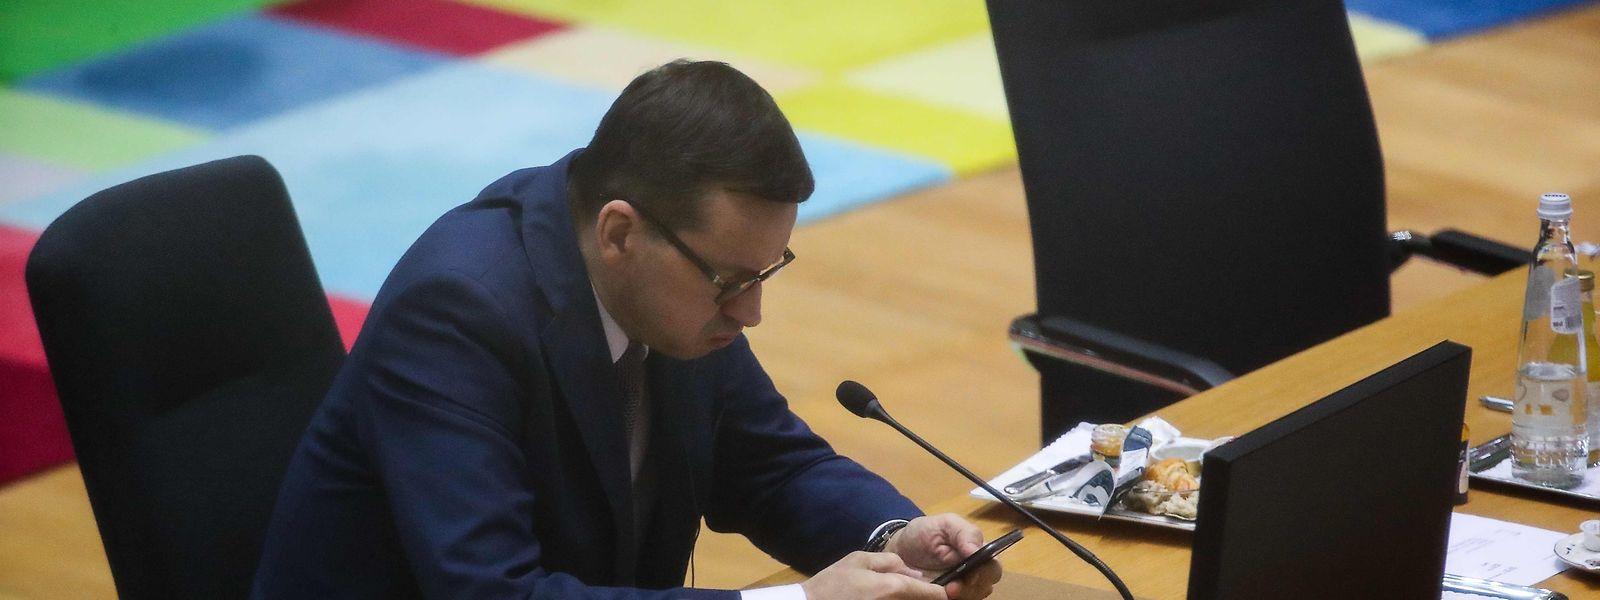 Auch der polnische Ministerpräsident Mateusz Morawiecki zeigte Ermüdungserscheinungen nach den zähen Verhandlungen.